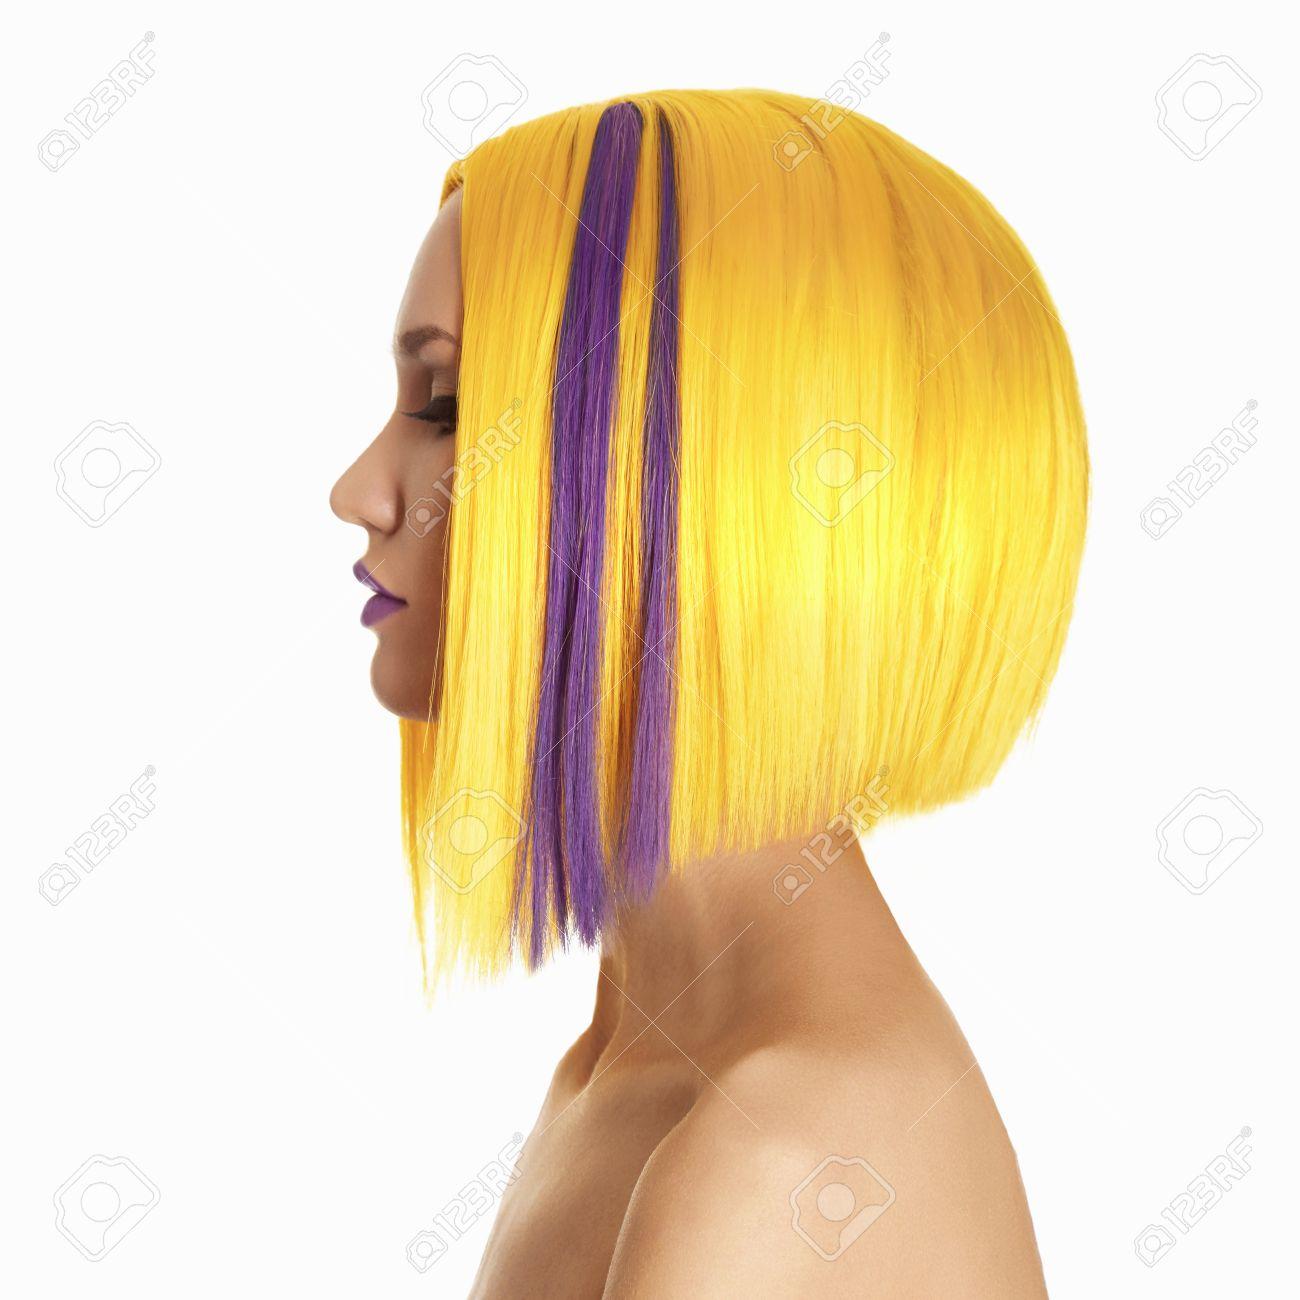 0d1c4f75a00 Foto de archivo - Insólito pelo púrpura hairs.Yellow. Corte de pelo.  Muchacha hermosa con el pelo corto. Peinado. Bob. Fringe. Retrato de perfil  de mujer de ...